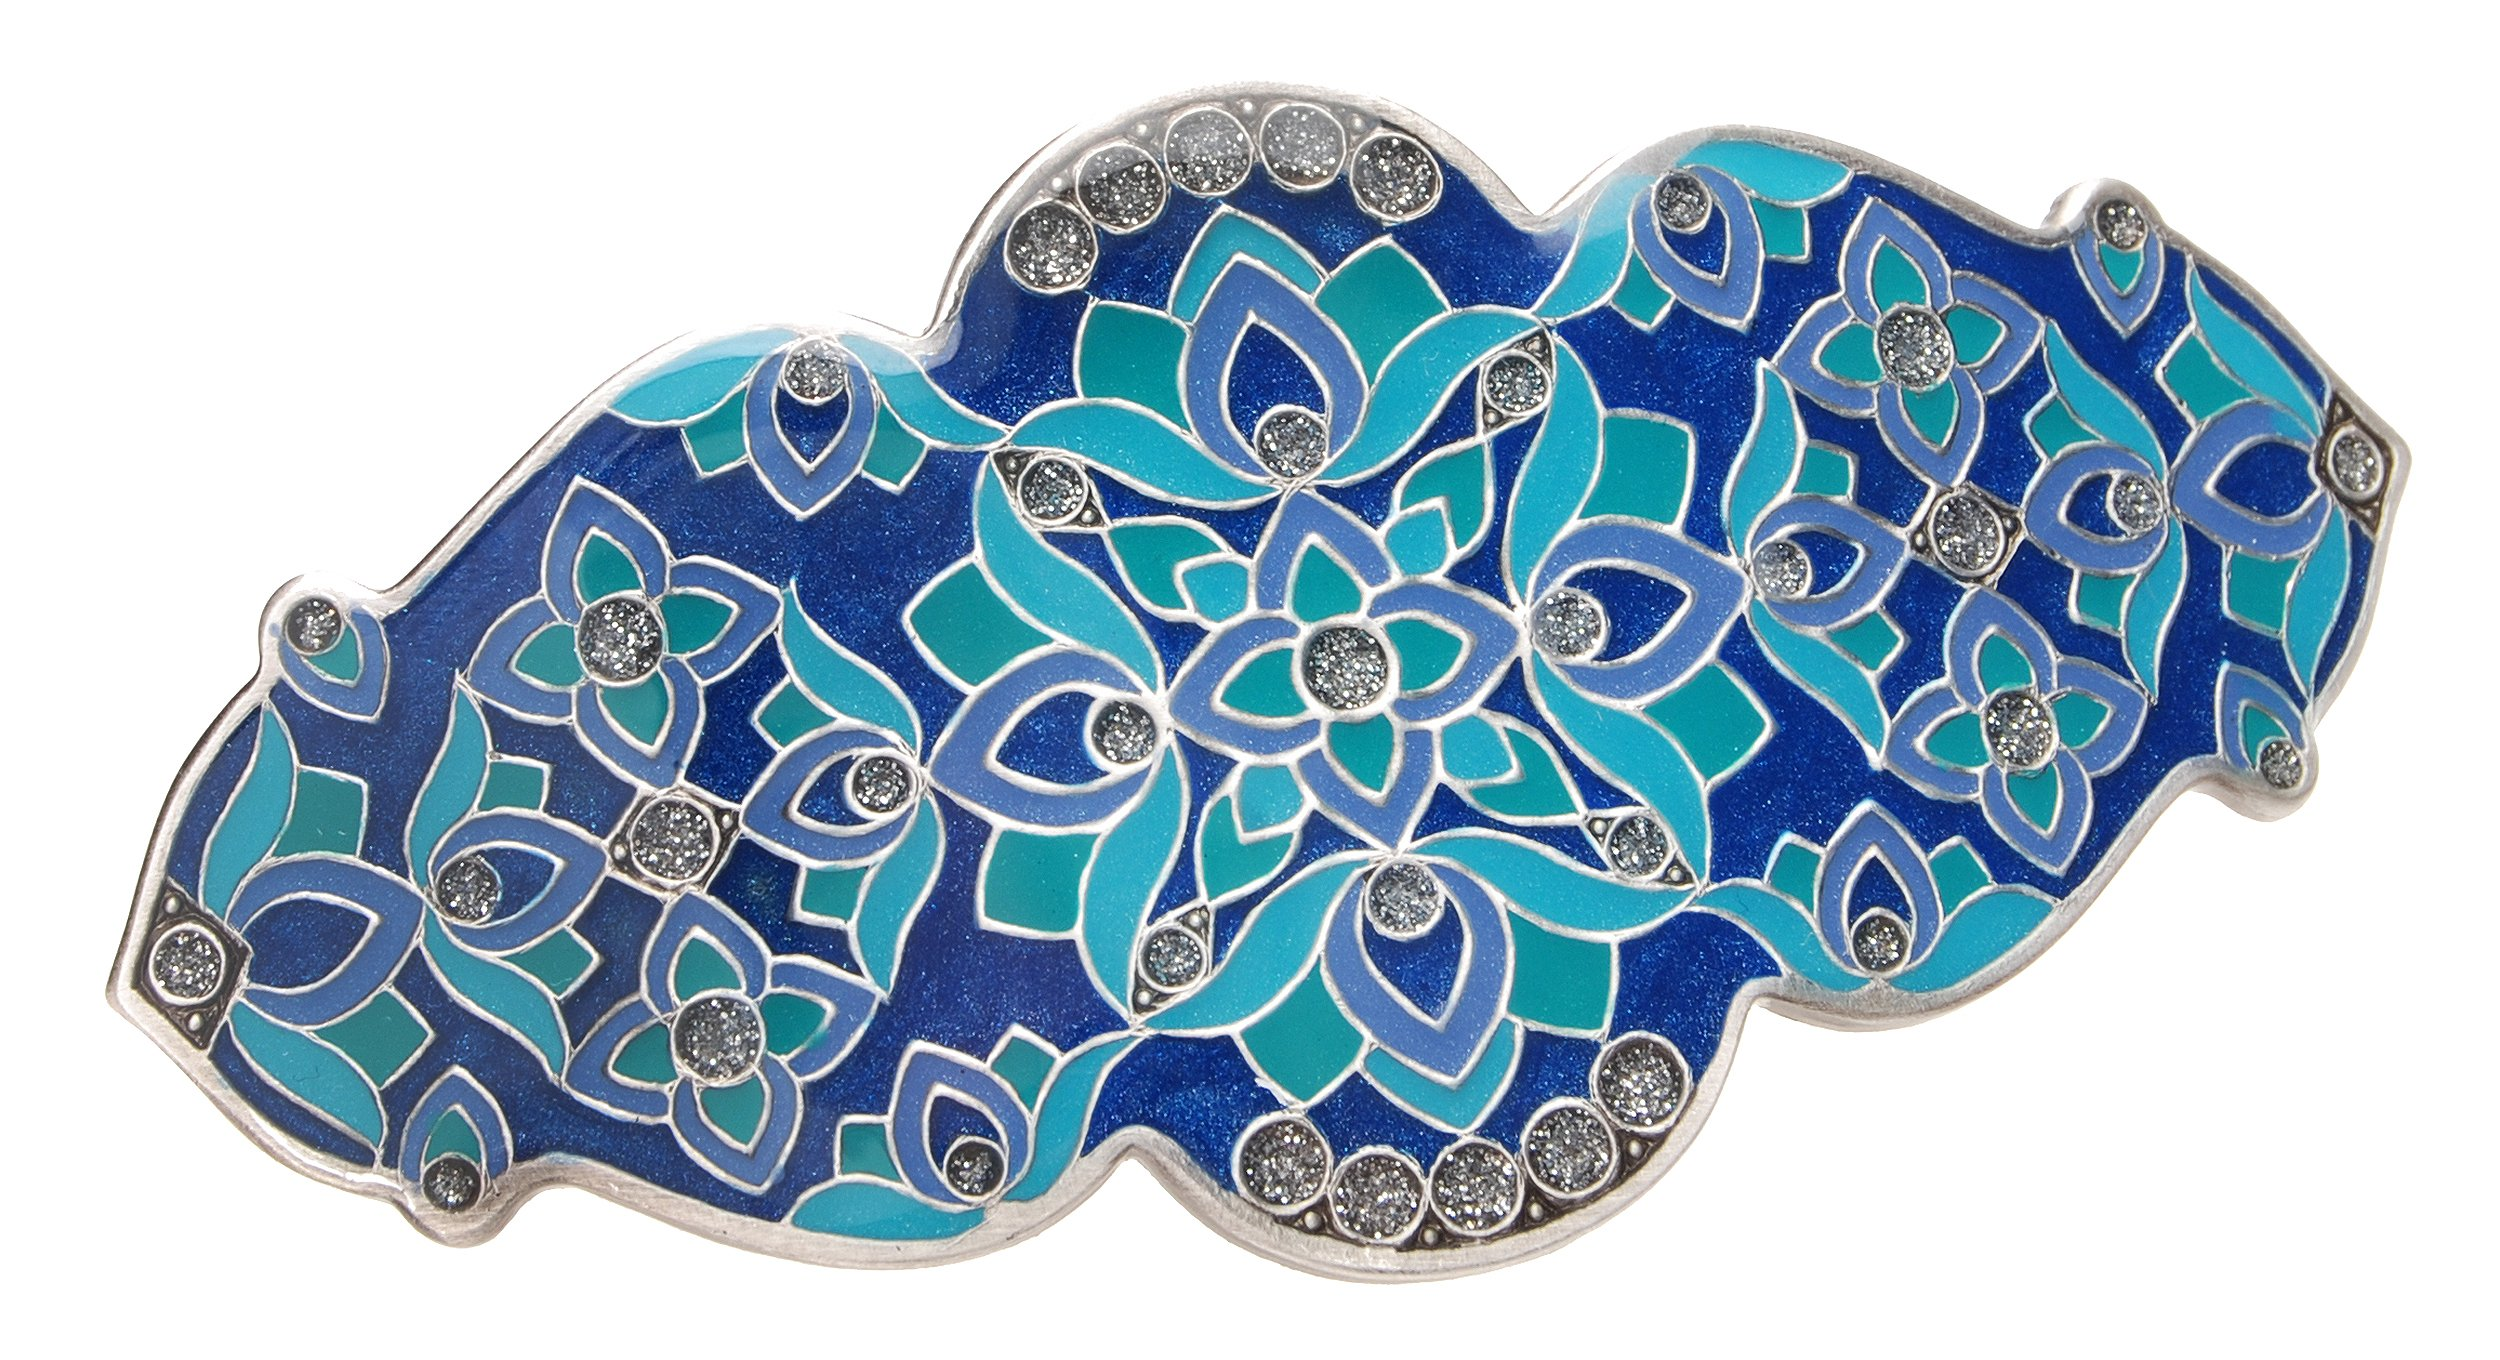 L. Erickson Floral Mosaic Barrette - Blue